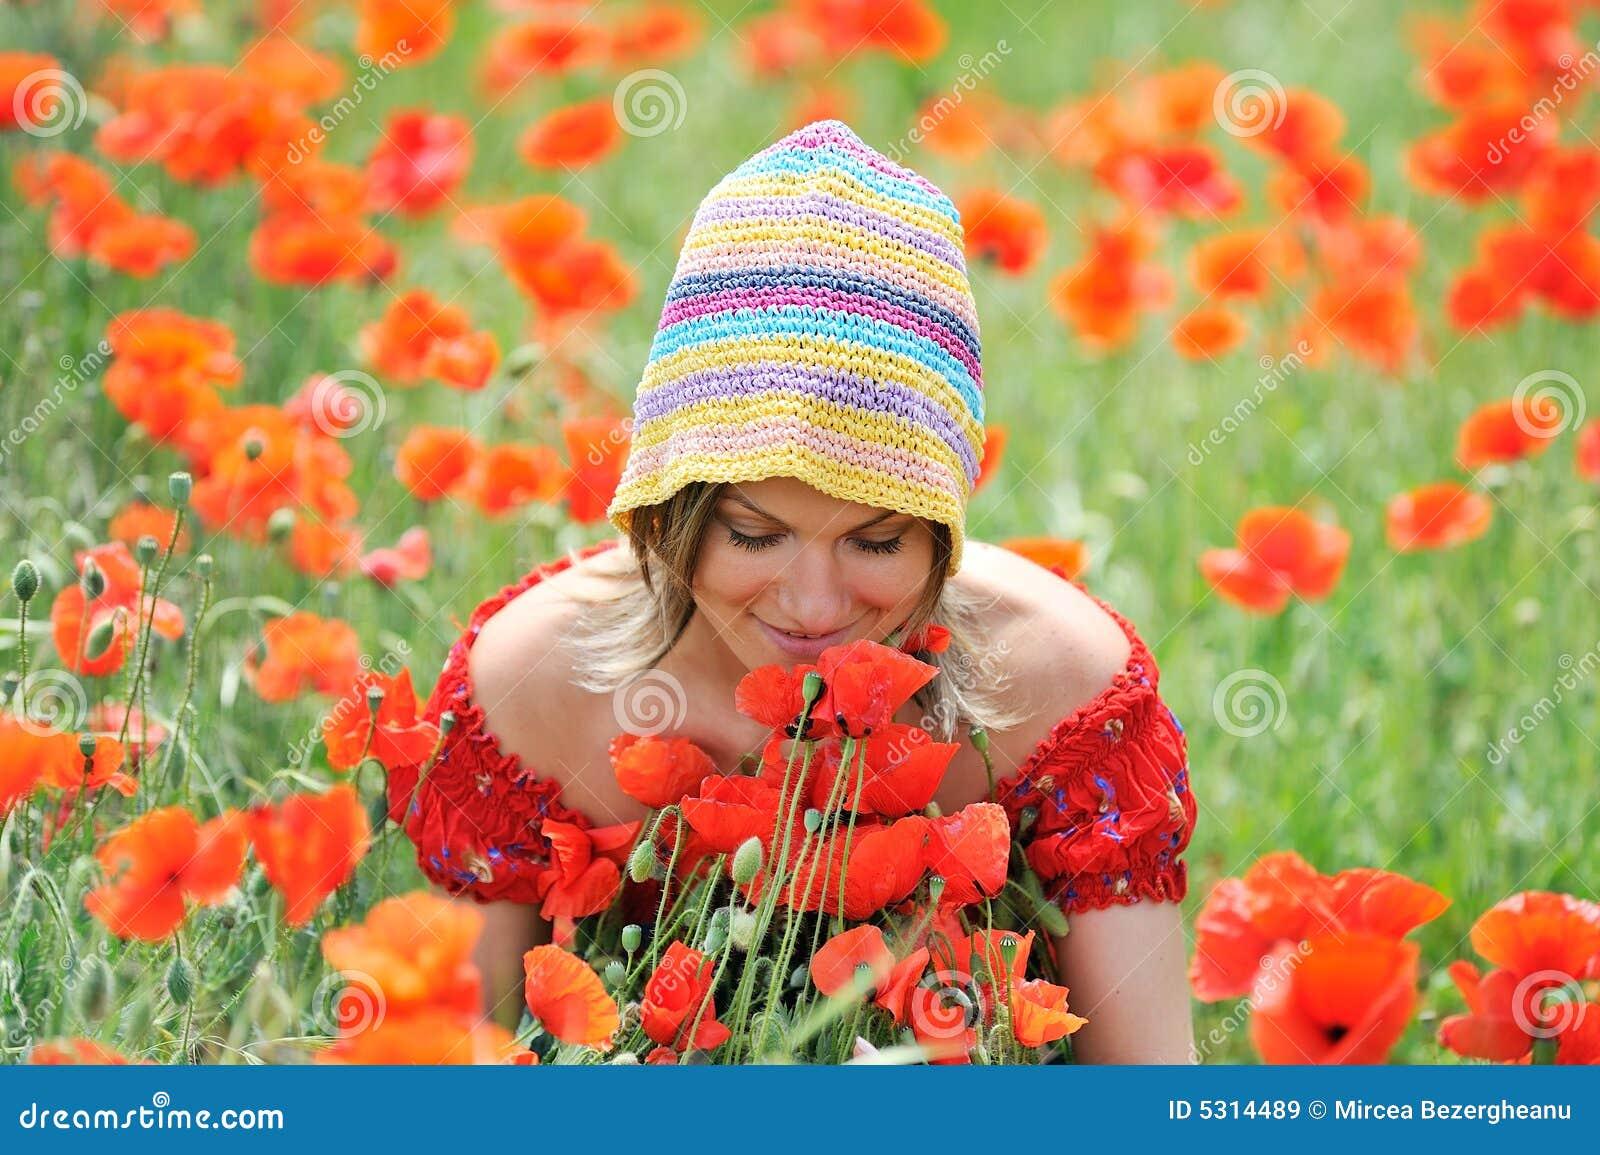 Download Bella Ragazza Su Un Campo Con I Papaveri Immagine Stock - Immagine di prato, ragazza: 5314489